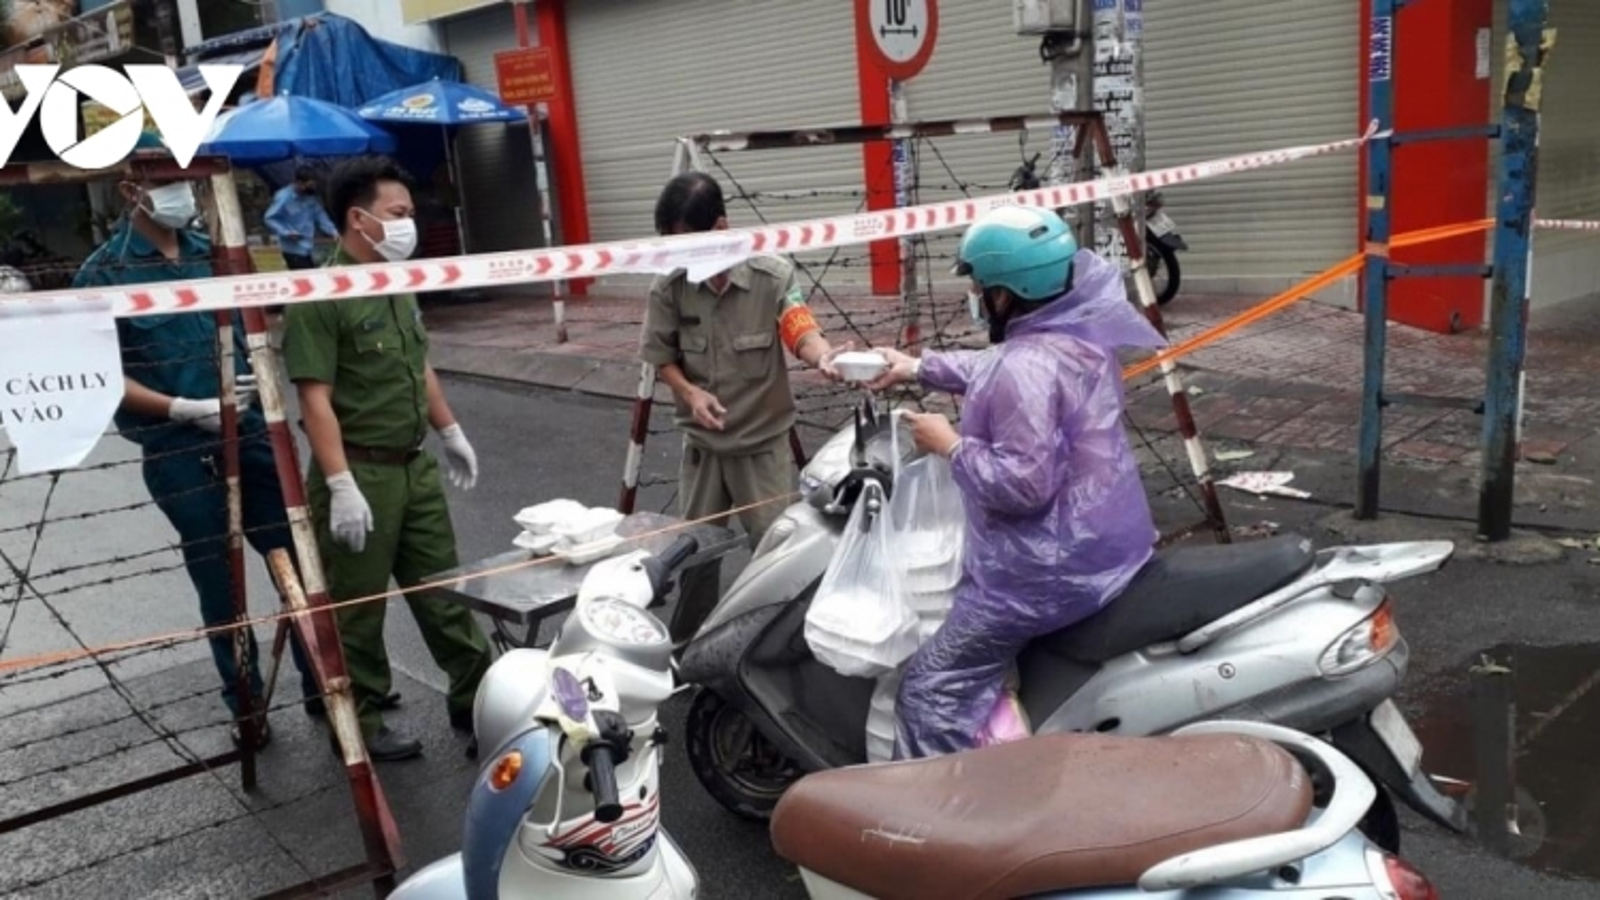 Mối liên hệ của 33 ca mắc Covid-19 tại thành phố Hồ Chí Minh